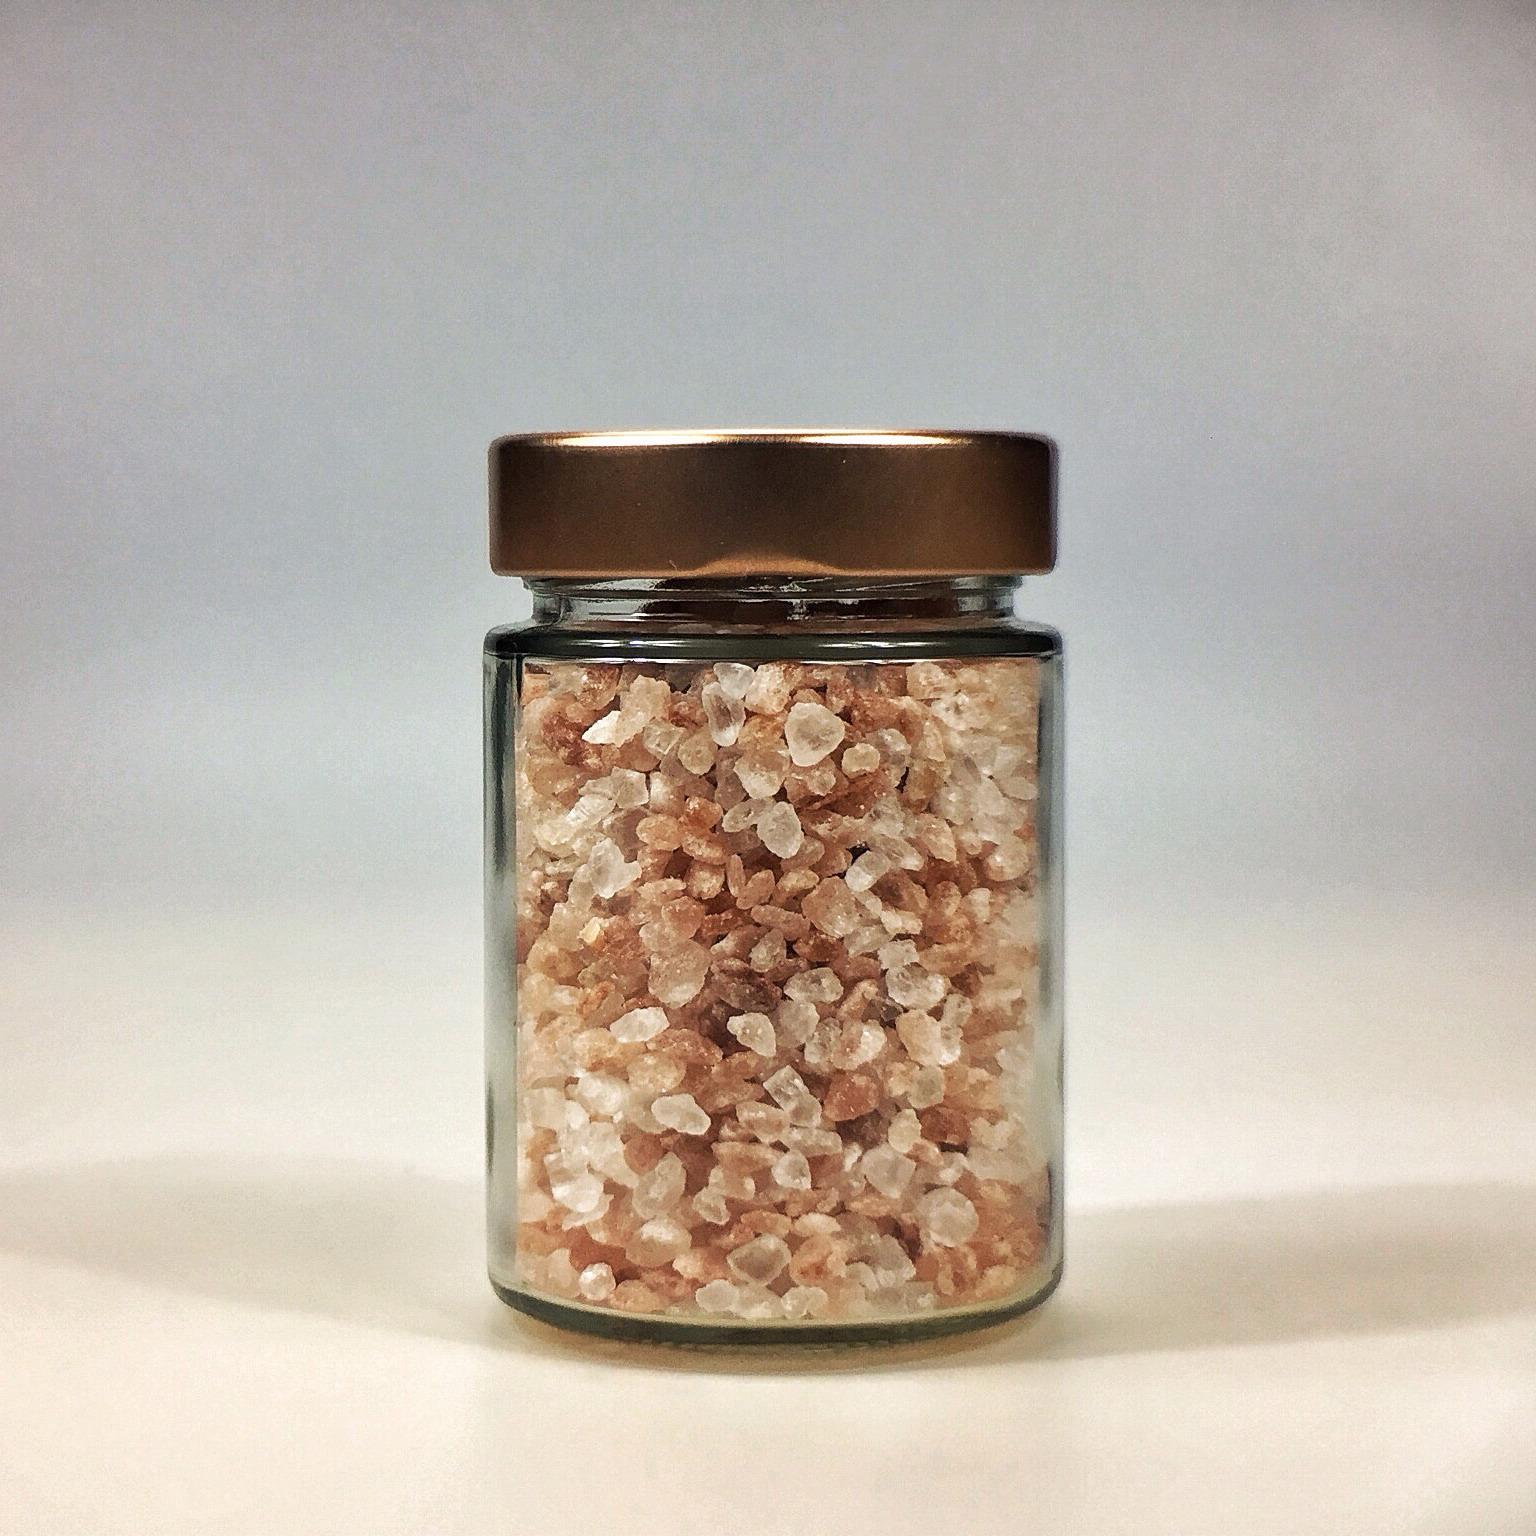 Himalaya Salz grob gemahlen für Salzmühle im kleinen Glas mit Kupferdeckel